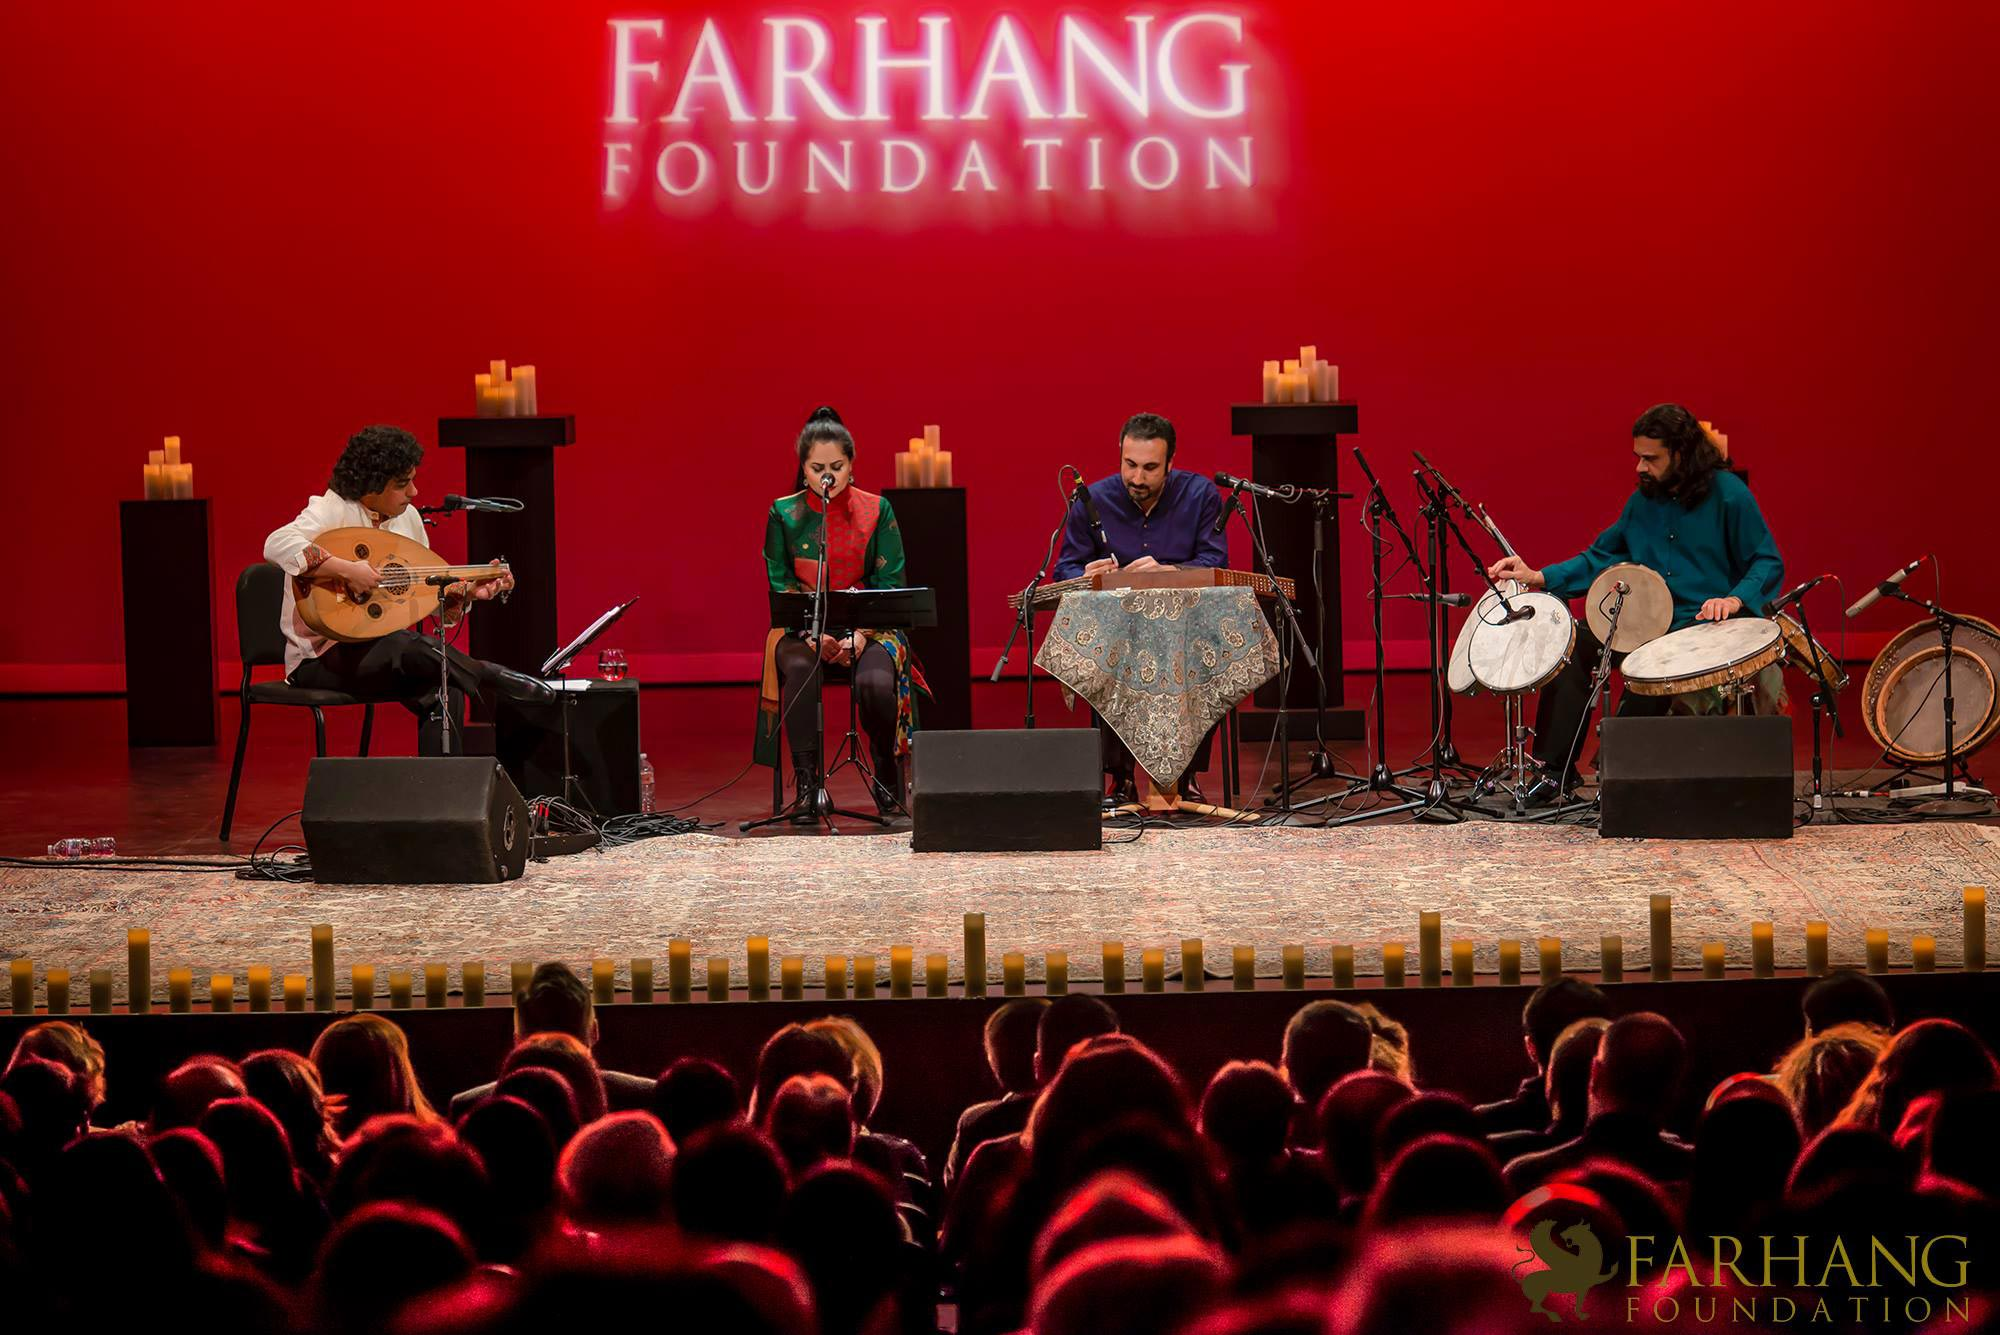 کنسرت مژگان شجریان و گروه نوآیین در لس انجلس